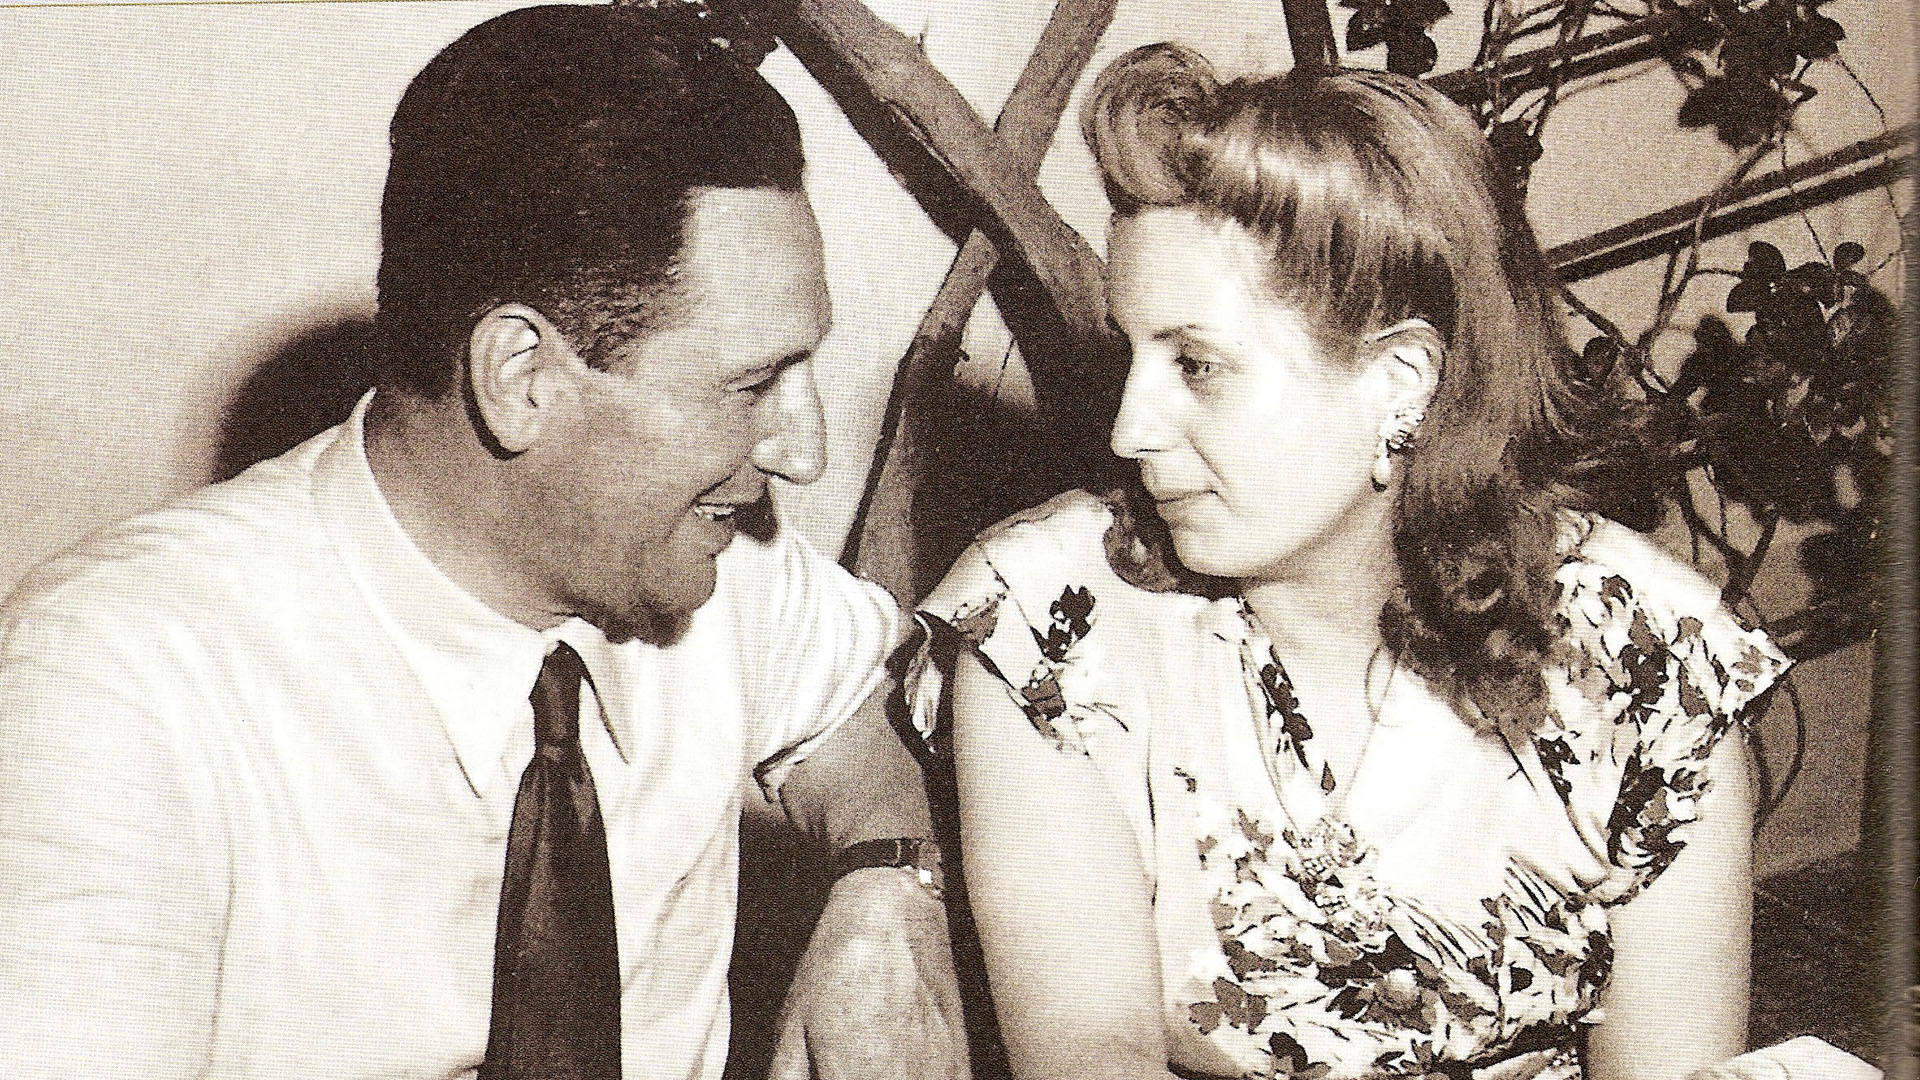 Como secretario del presidente Juan Domingo Perón y hermano de Eva, Juan Duarte se había convertido en un hombre al que todos los hombres de poder buscaban